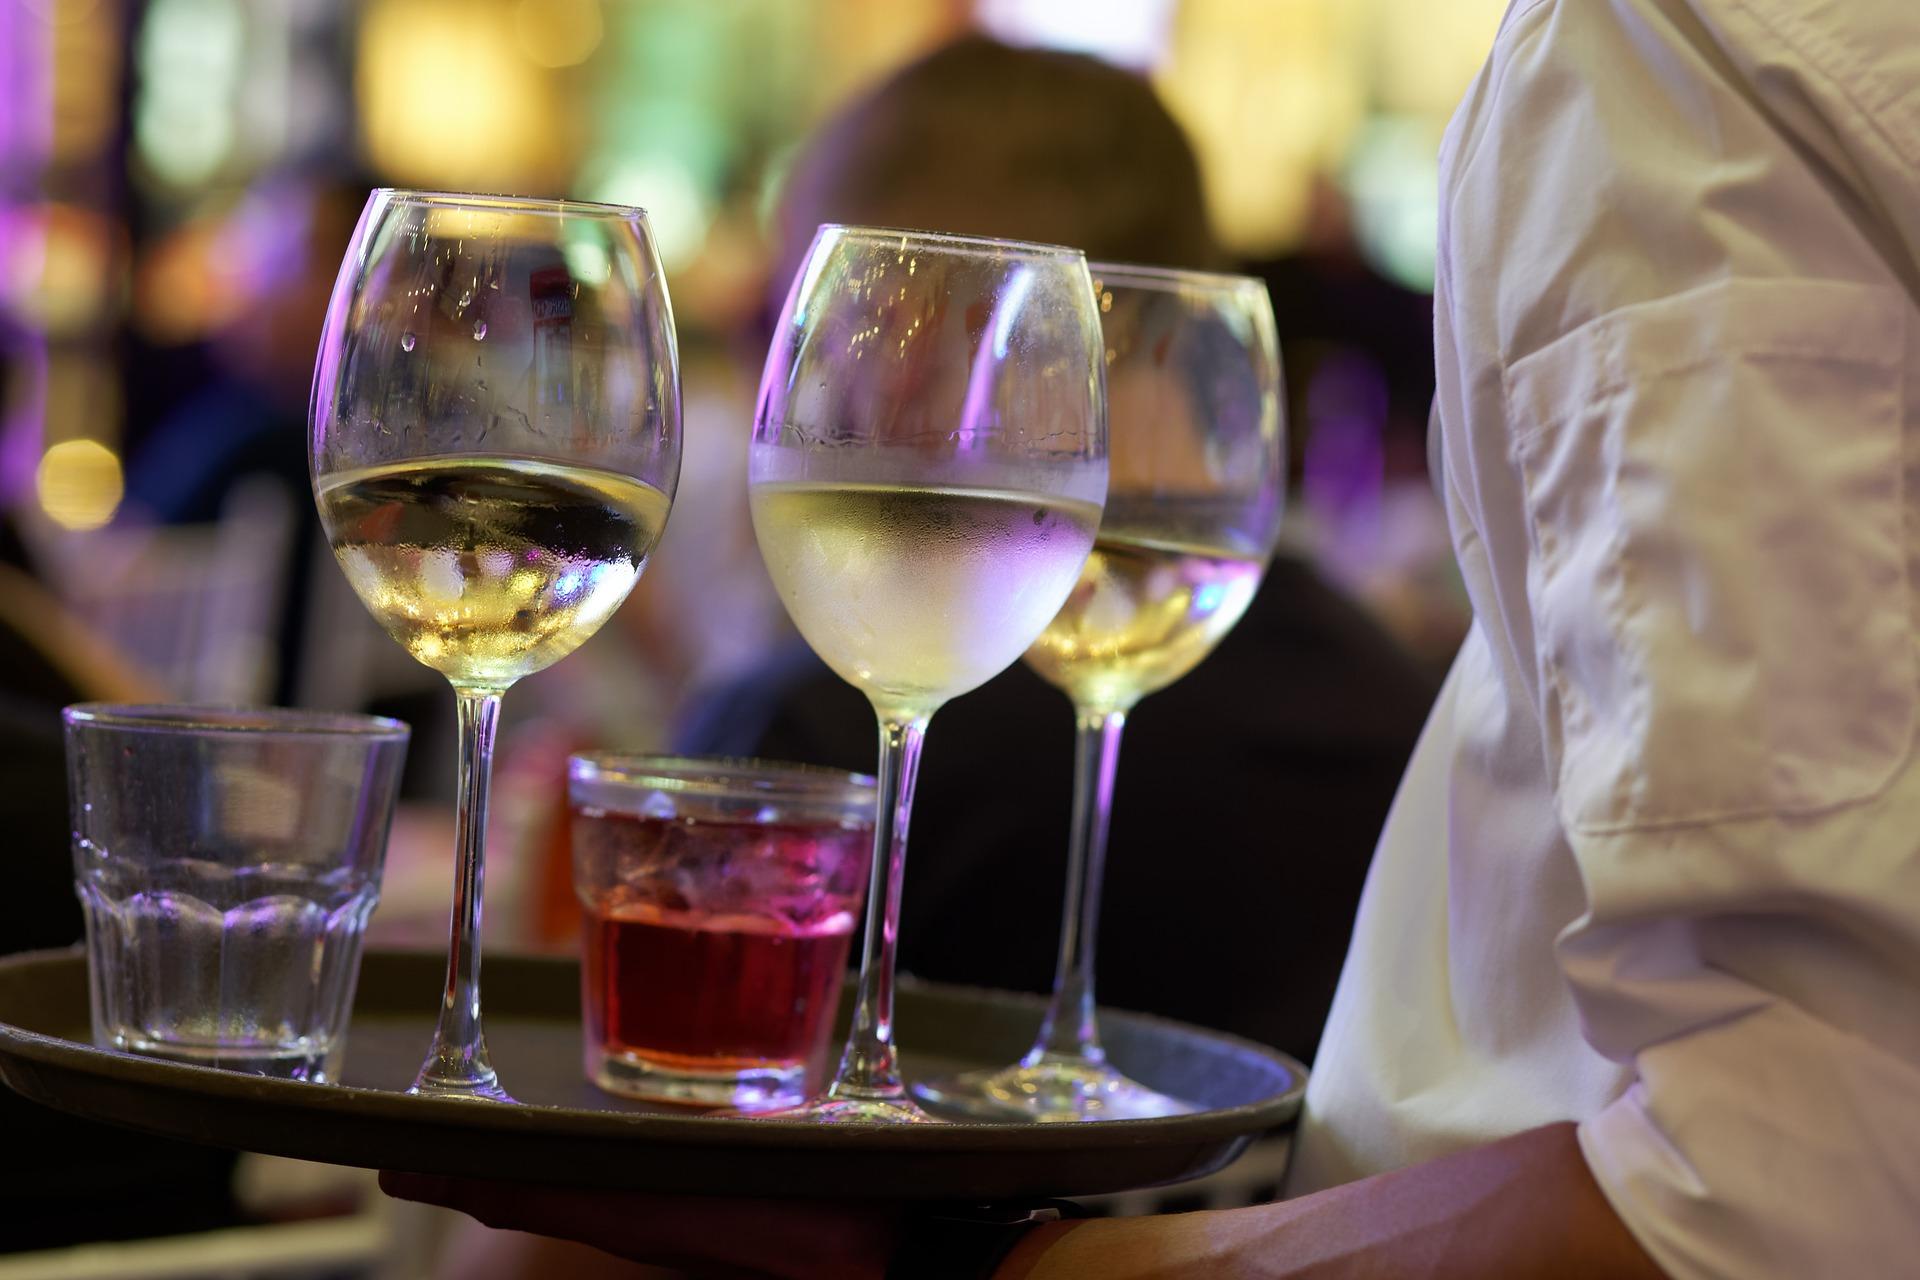 El Gobierno de España no aprueba ayudas directas a la hostelería y presenta un plan para el aplazamiento de impuestos - La Viña